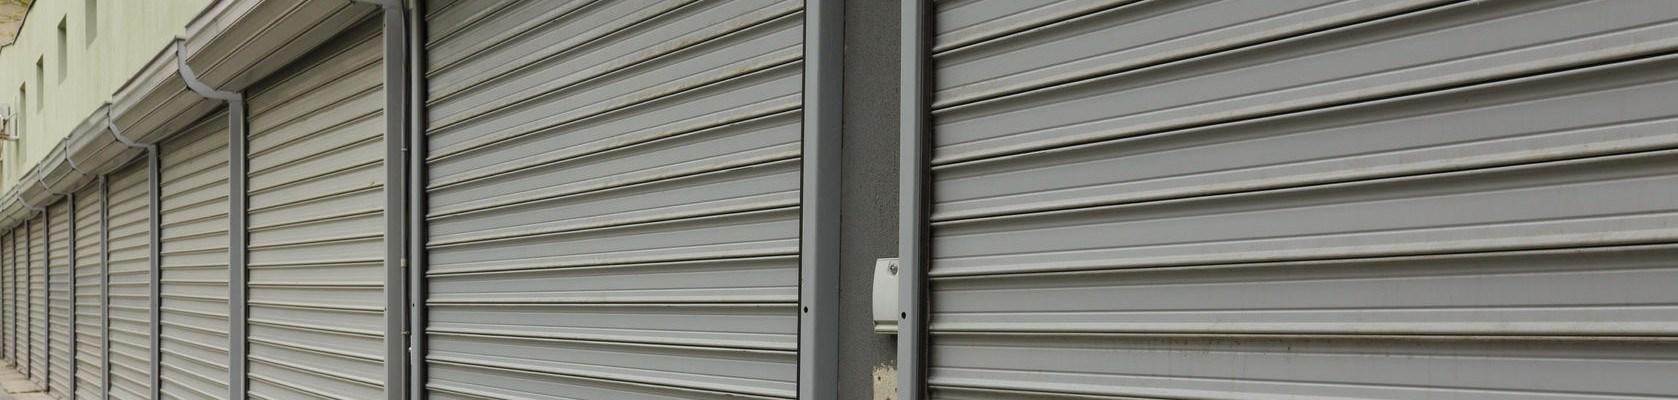 persianas metalicas horizontal - Cerrajero Alicante 24 Horas Cerrajeros Alicante Urgente